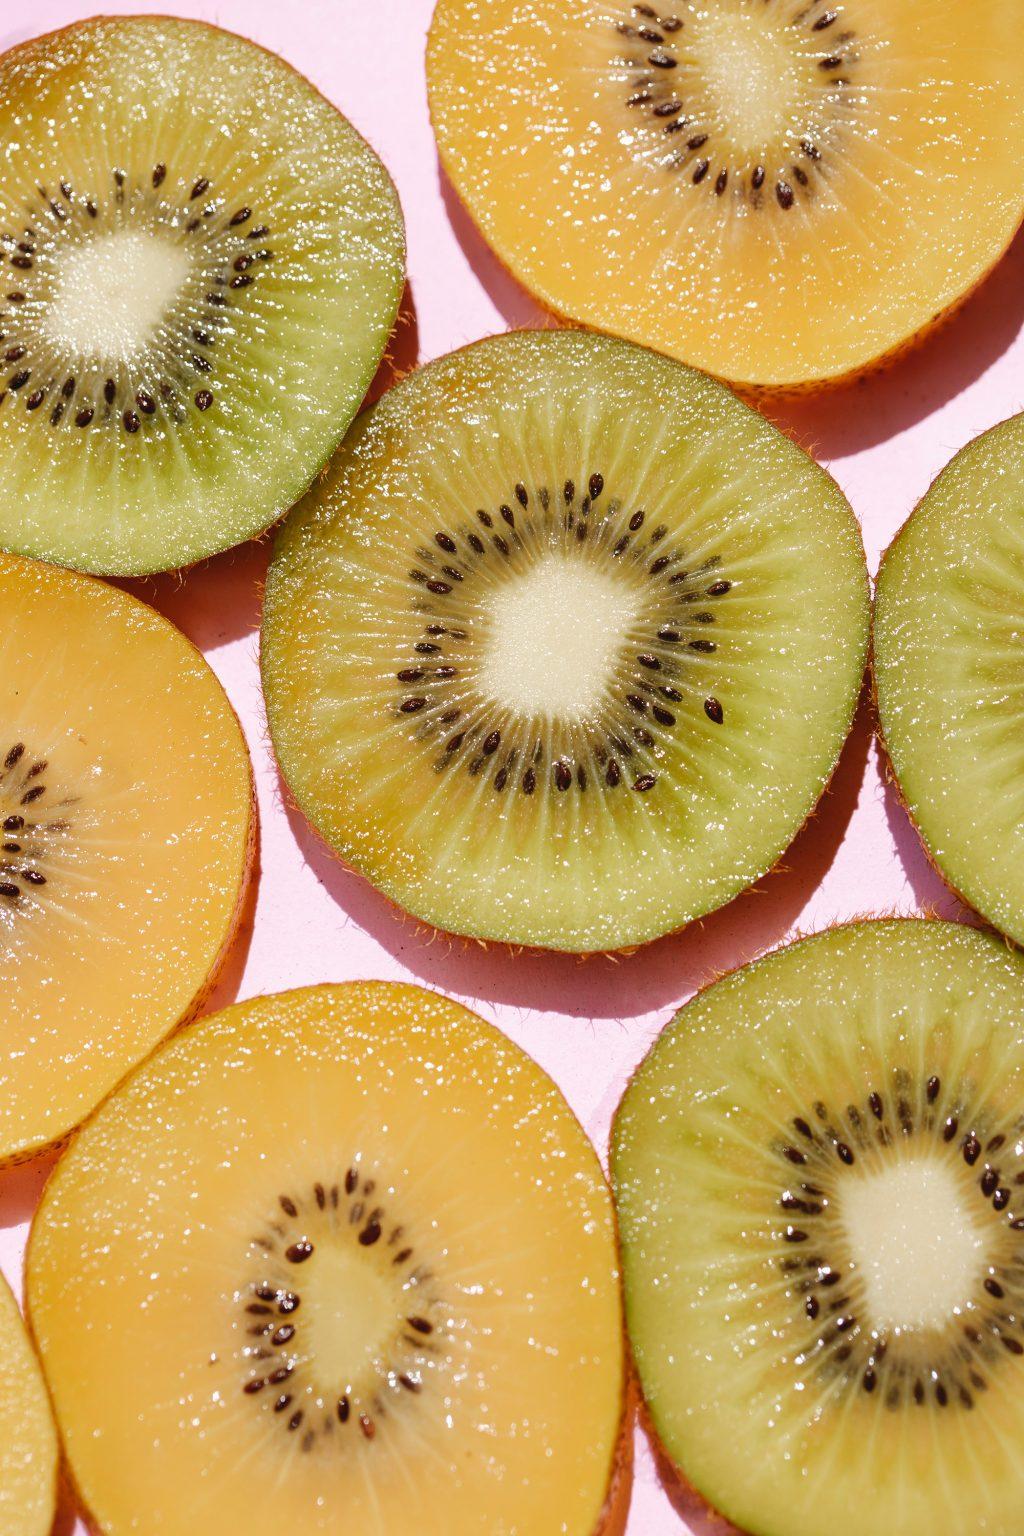 Quả kiwi tăng cường đề kháng mạnh mẽ cho cơ thể